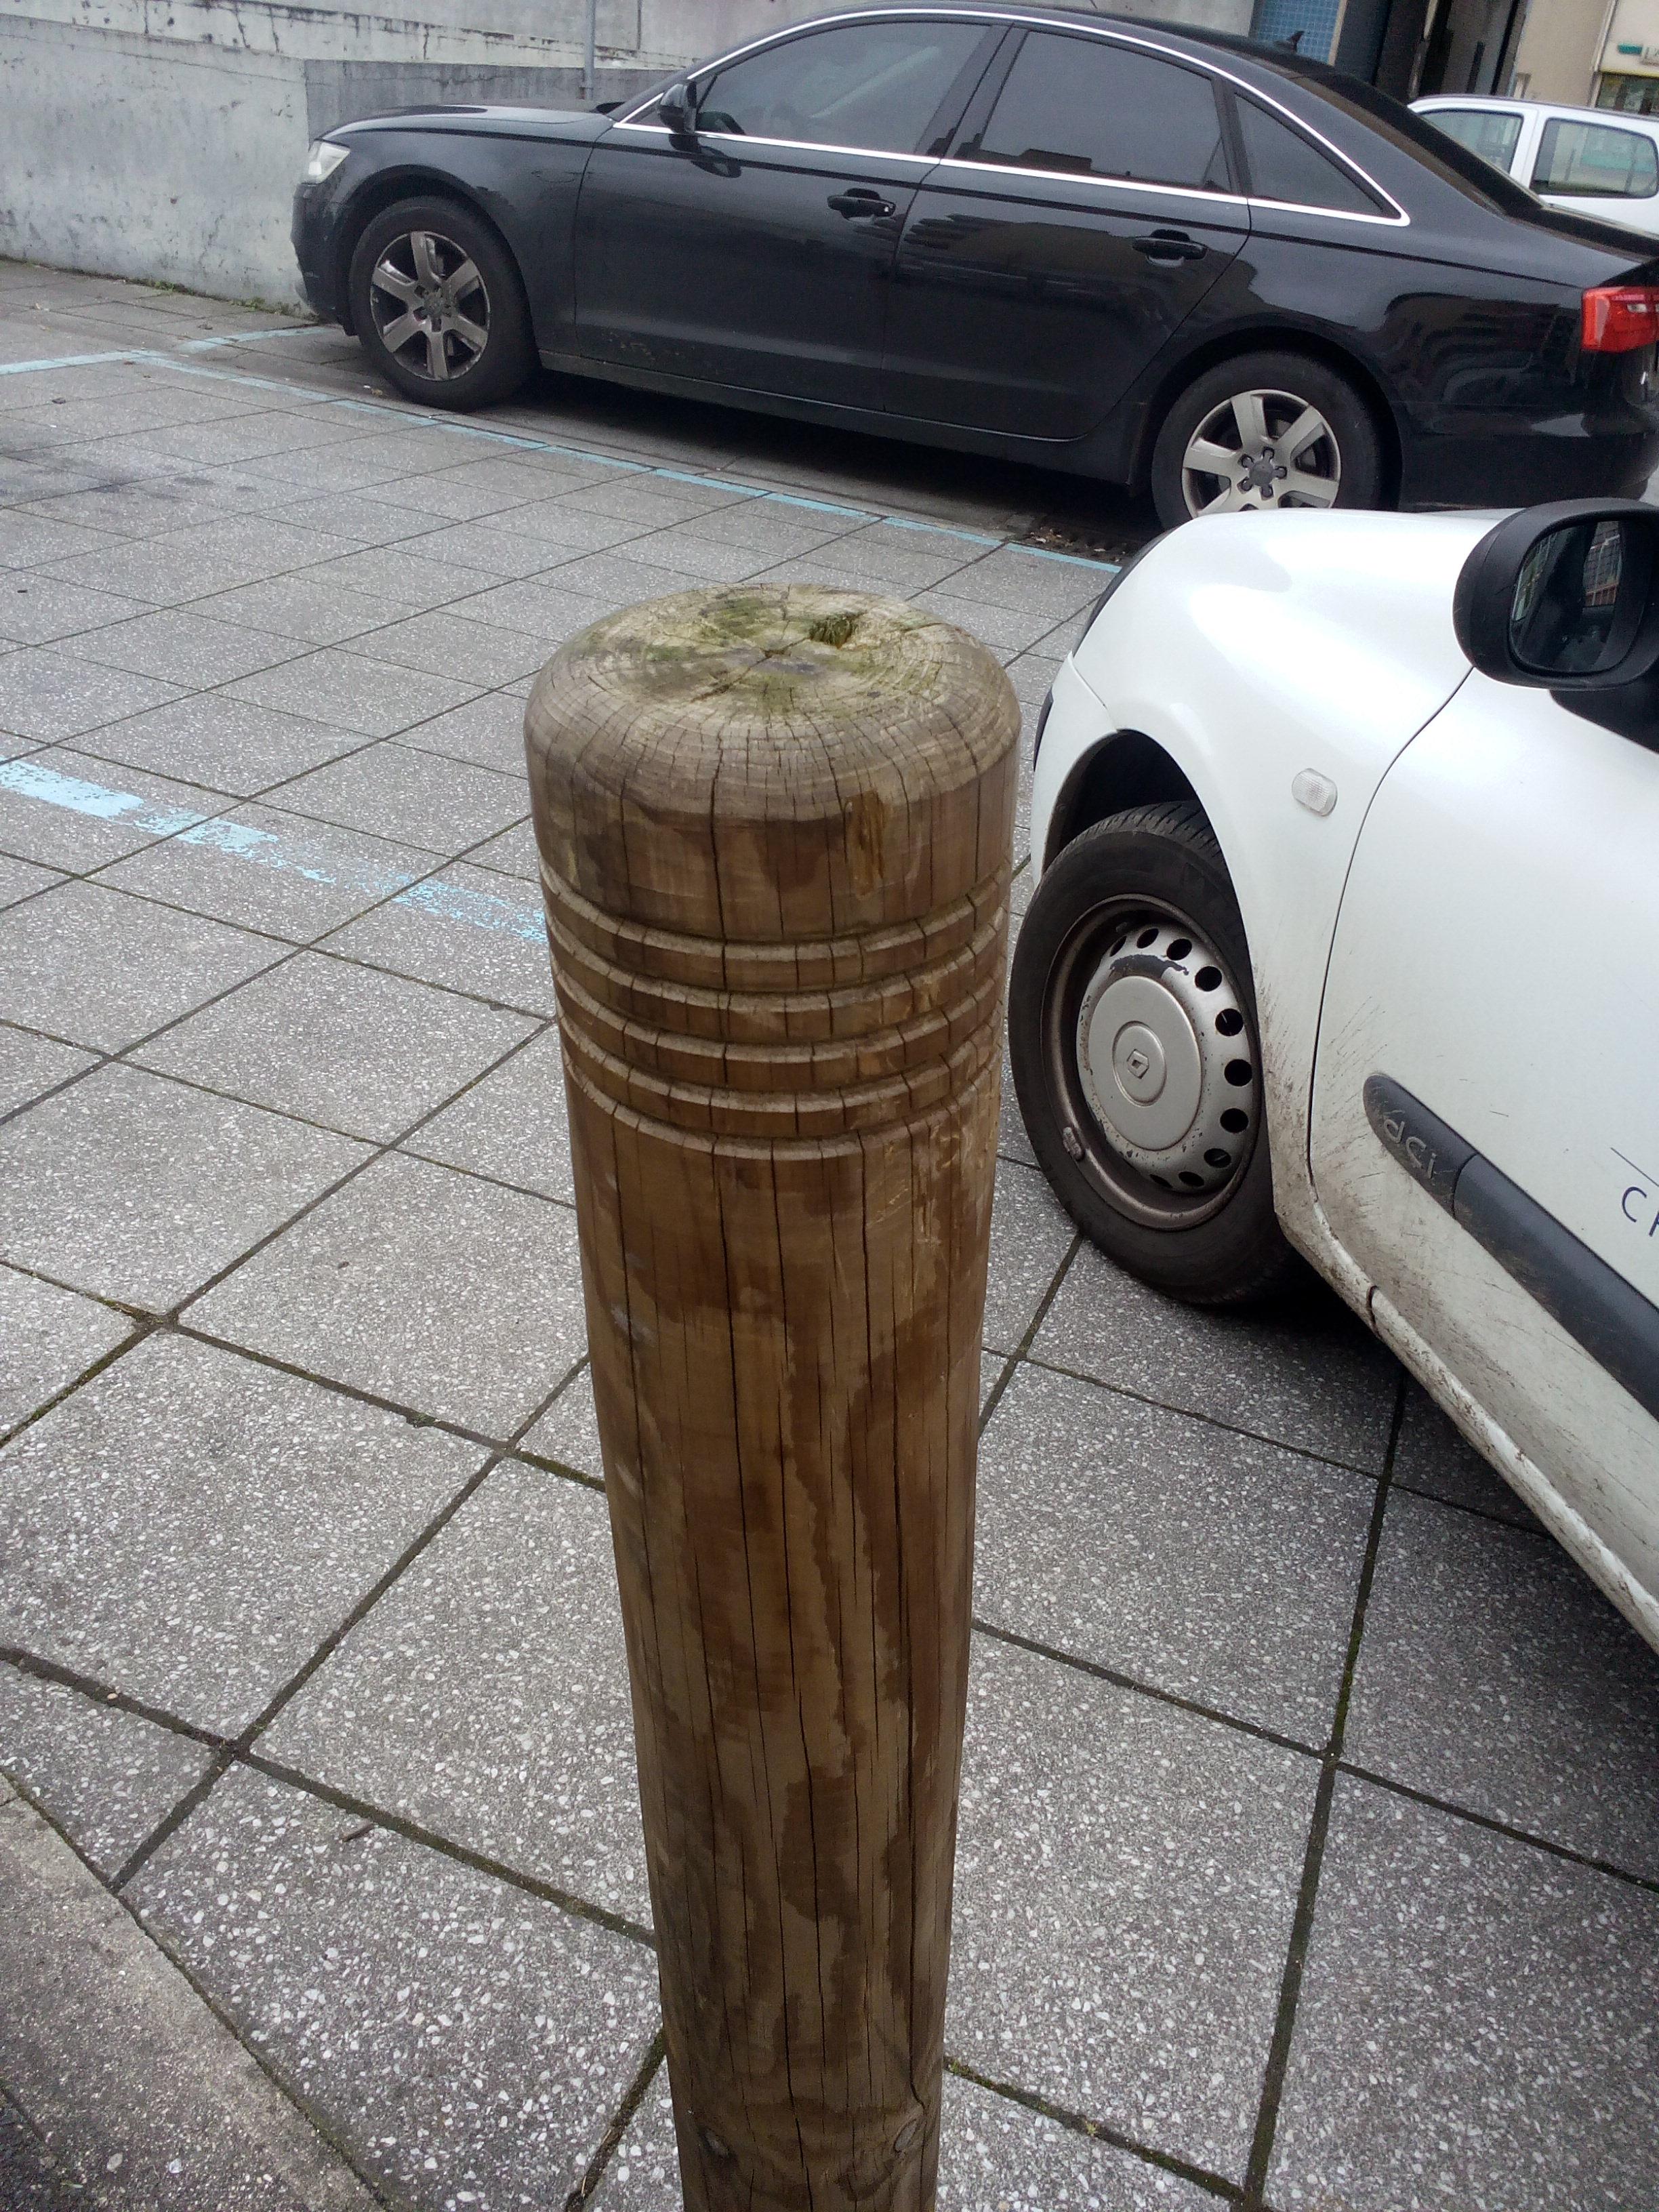 Rondin de bois utilisé en ville pour restreindre le stationnement